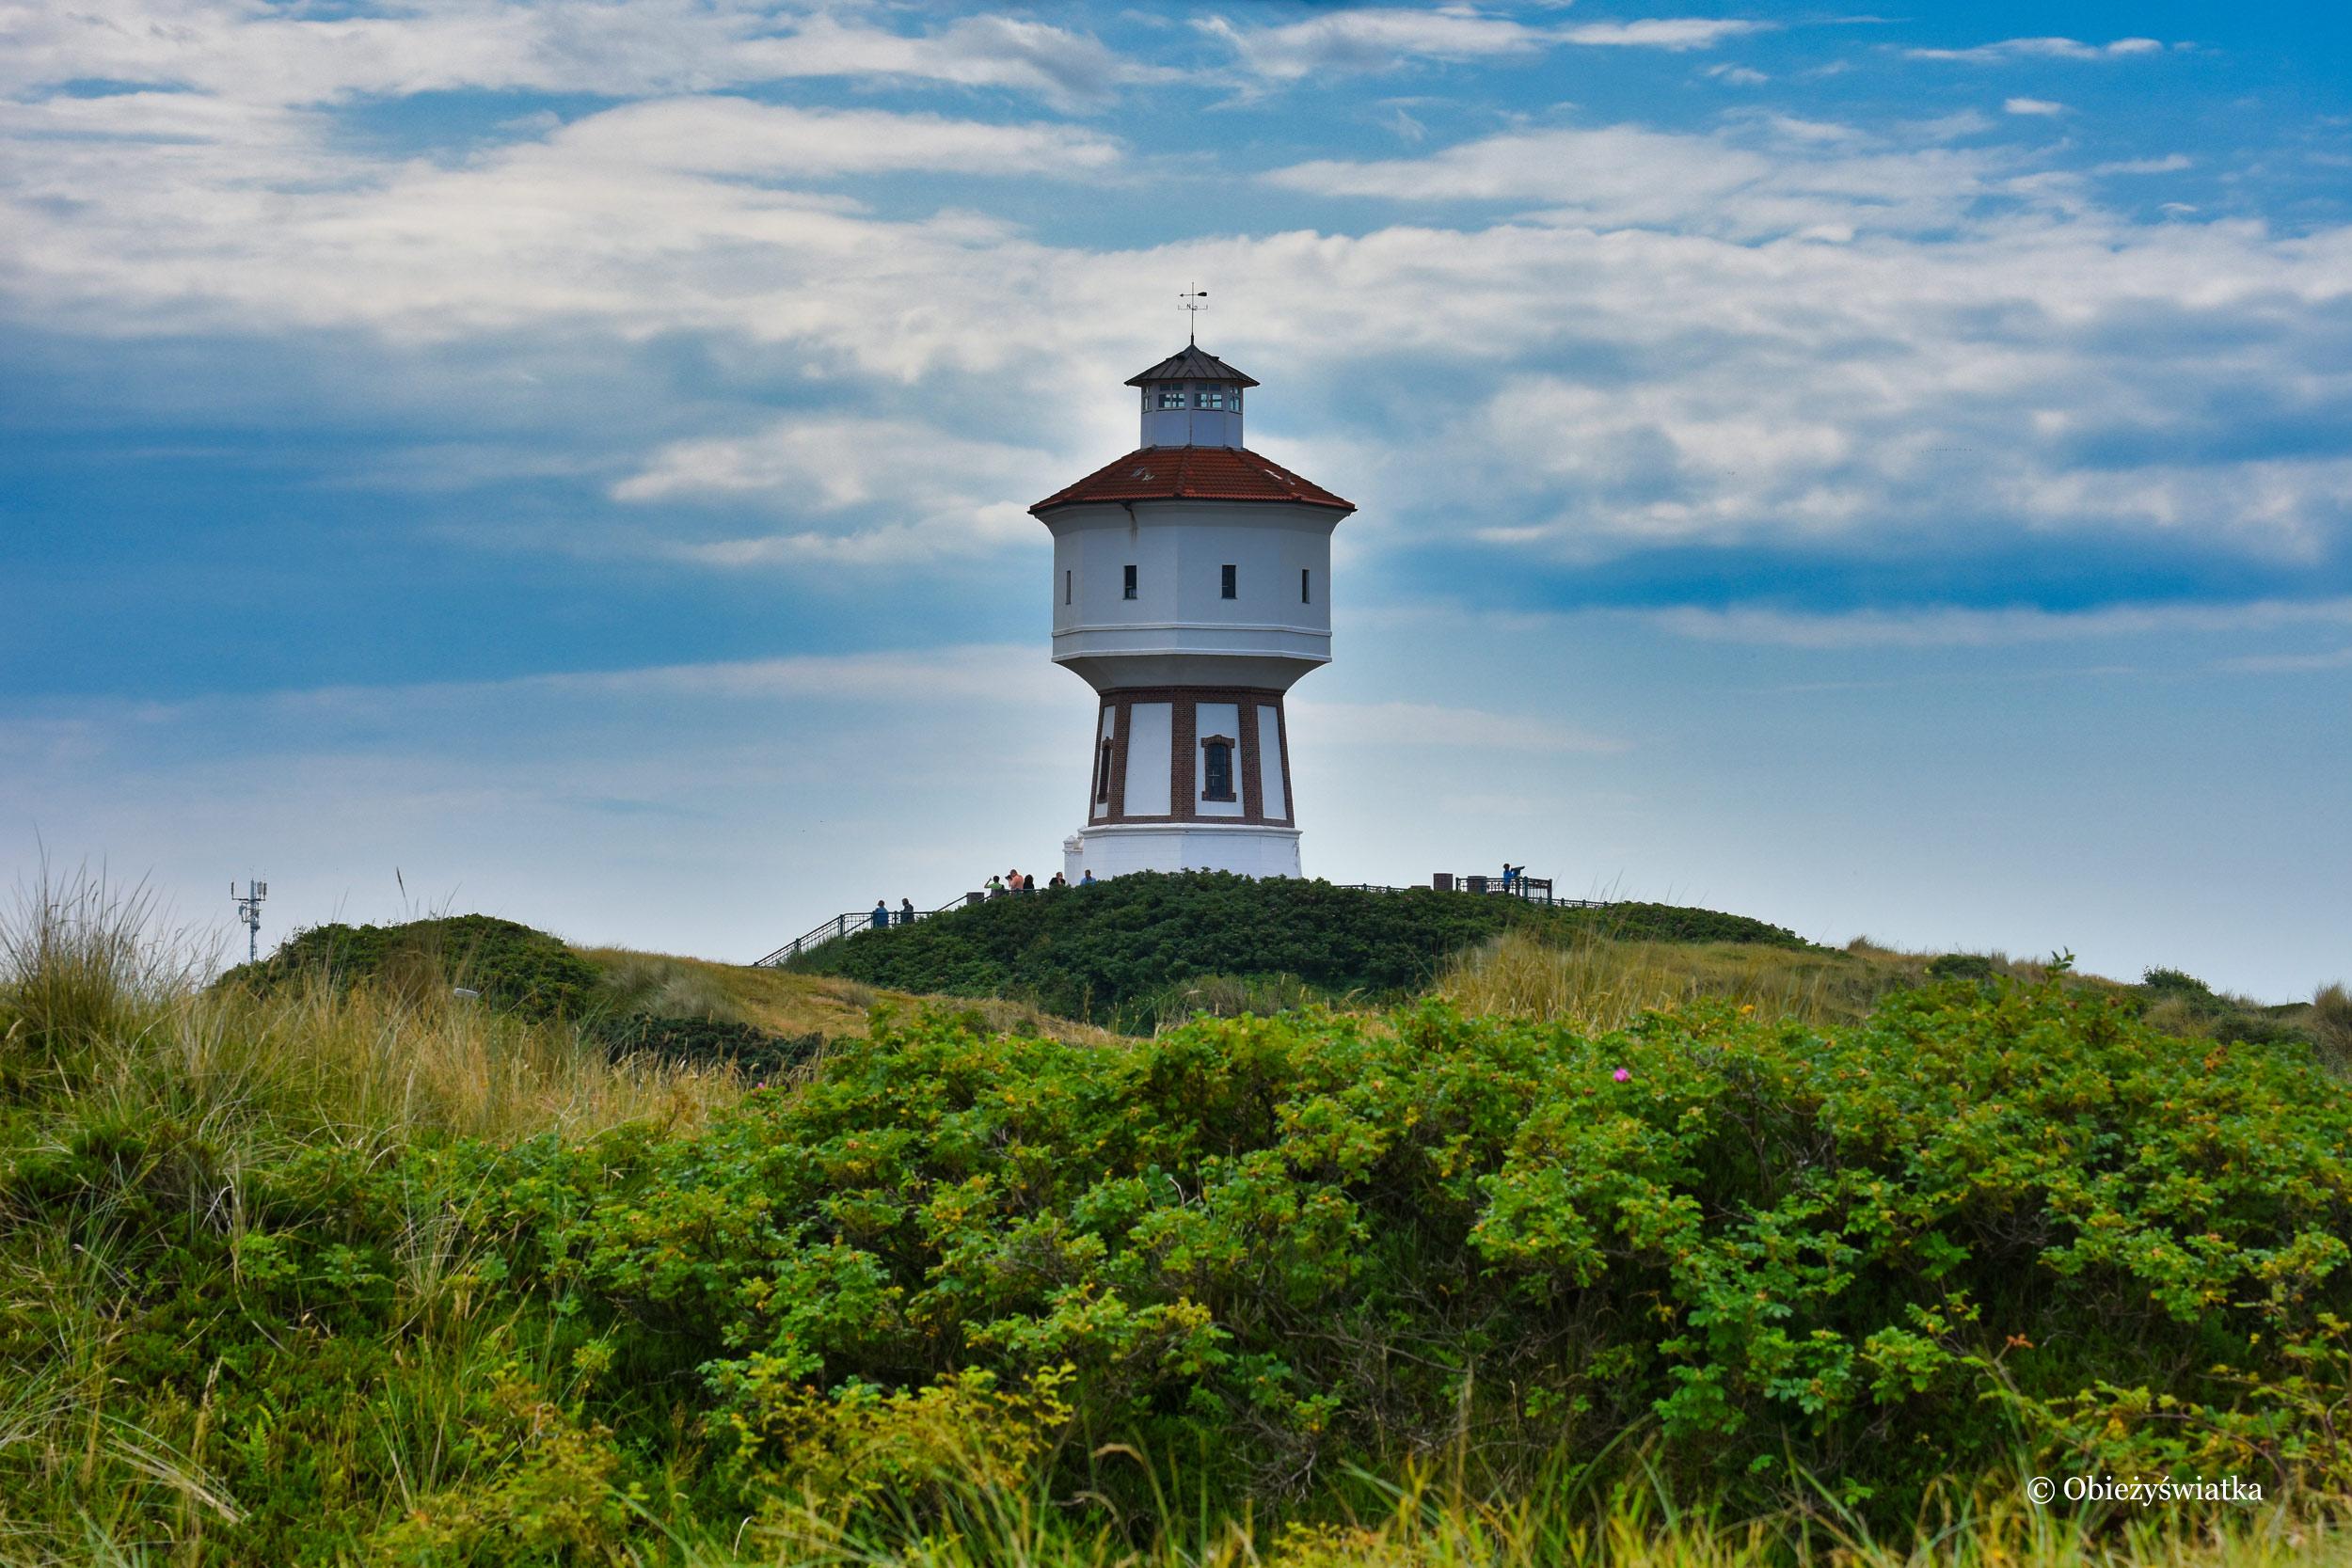 Wieża ciśnień na Wyspie Langeoog